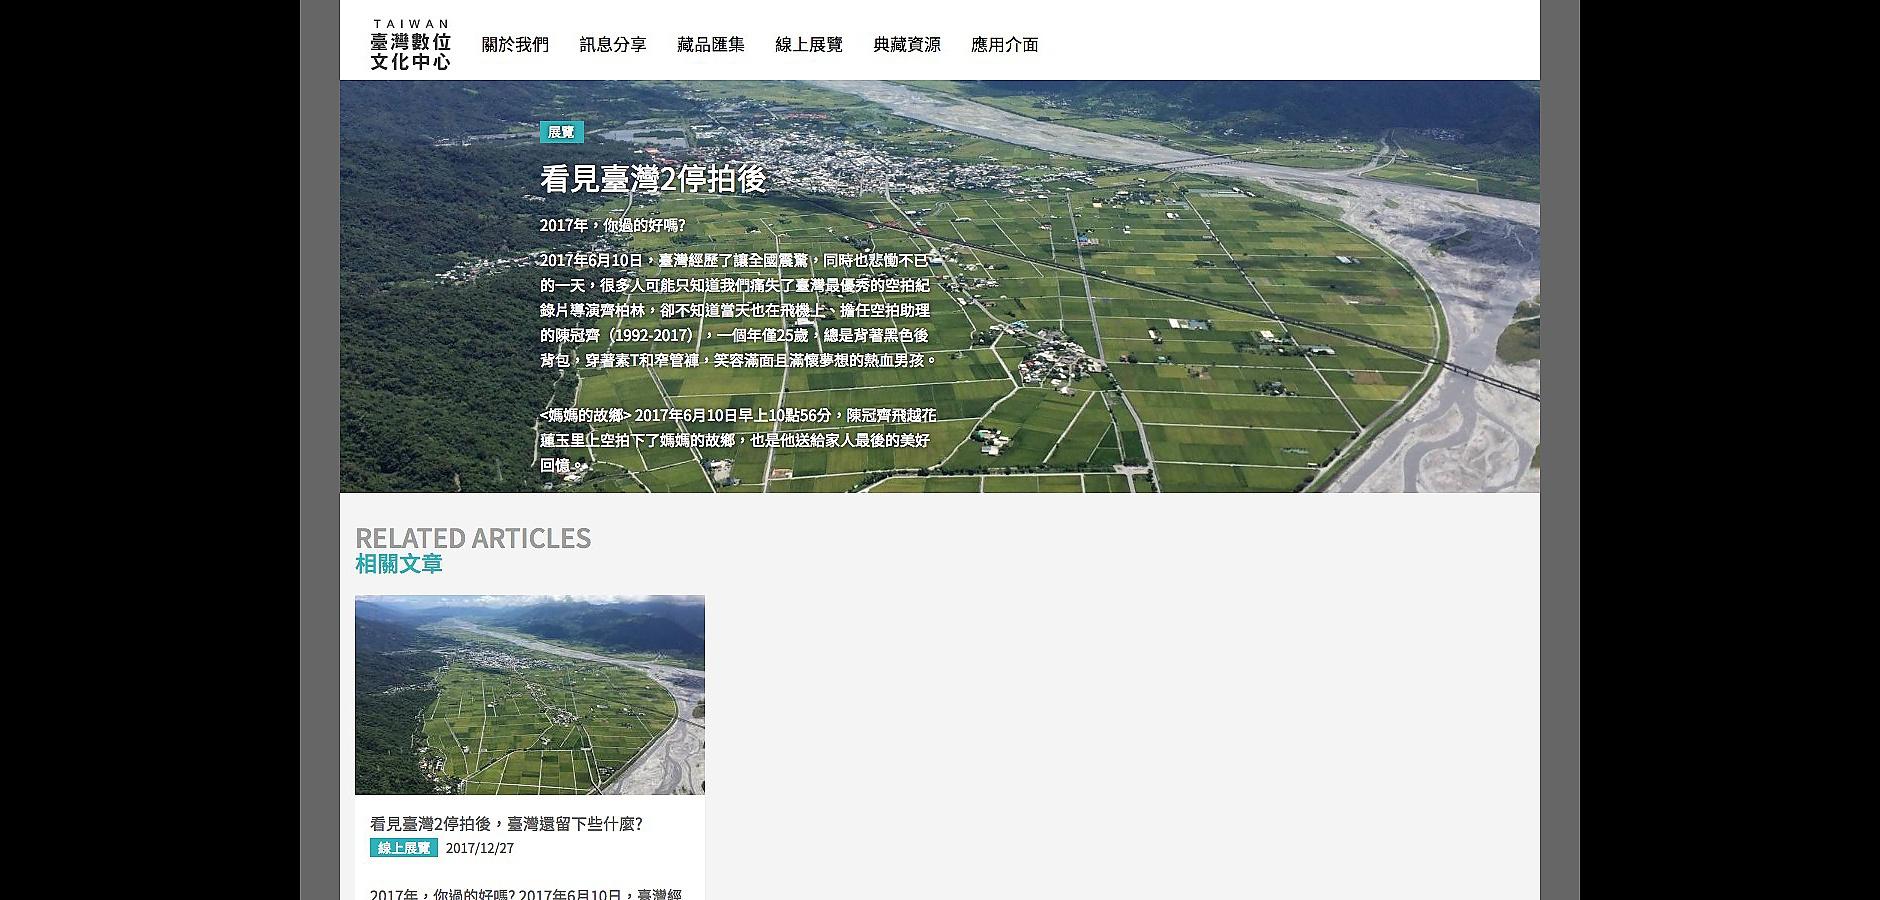 線上展覽 @ 臺灣數位文化統一入口網站